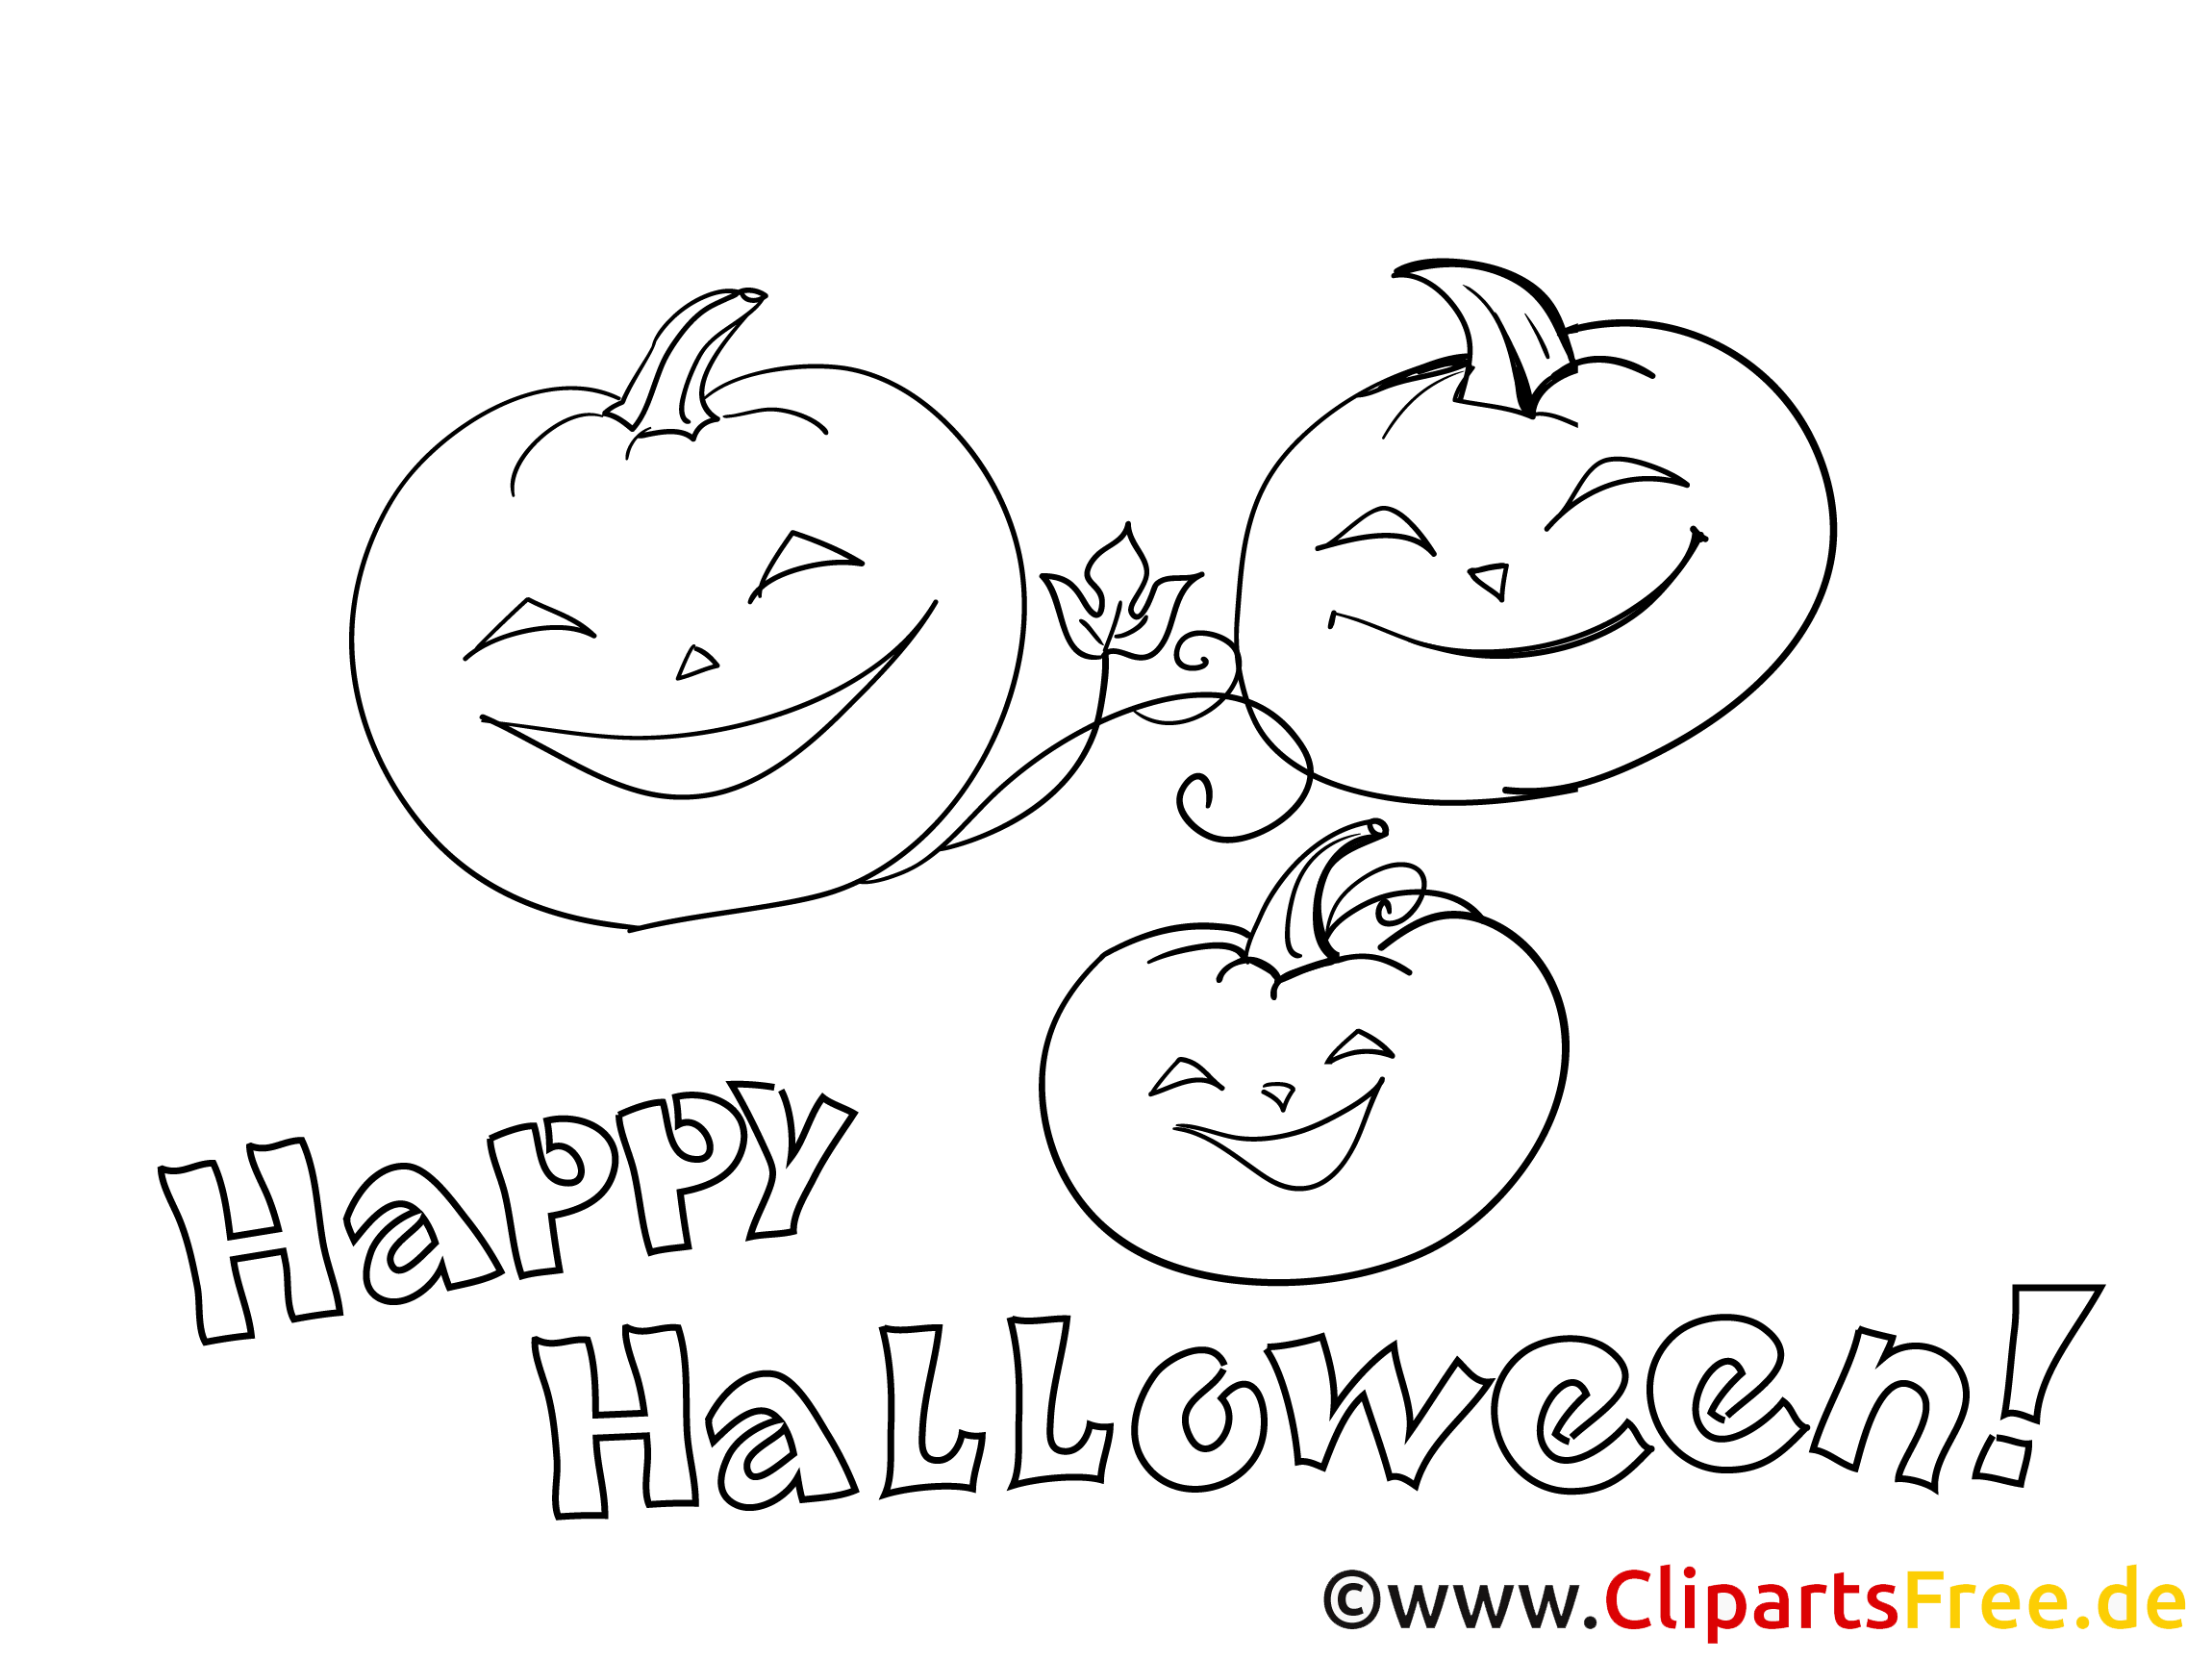 Kostenlose Ausmalbilder zu Halloween